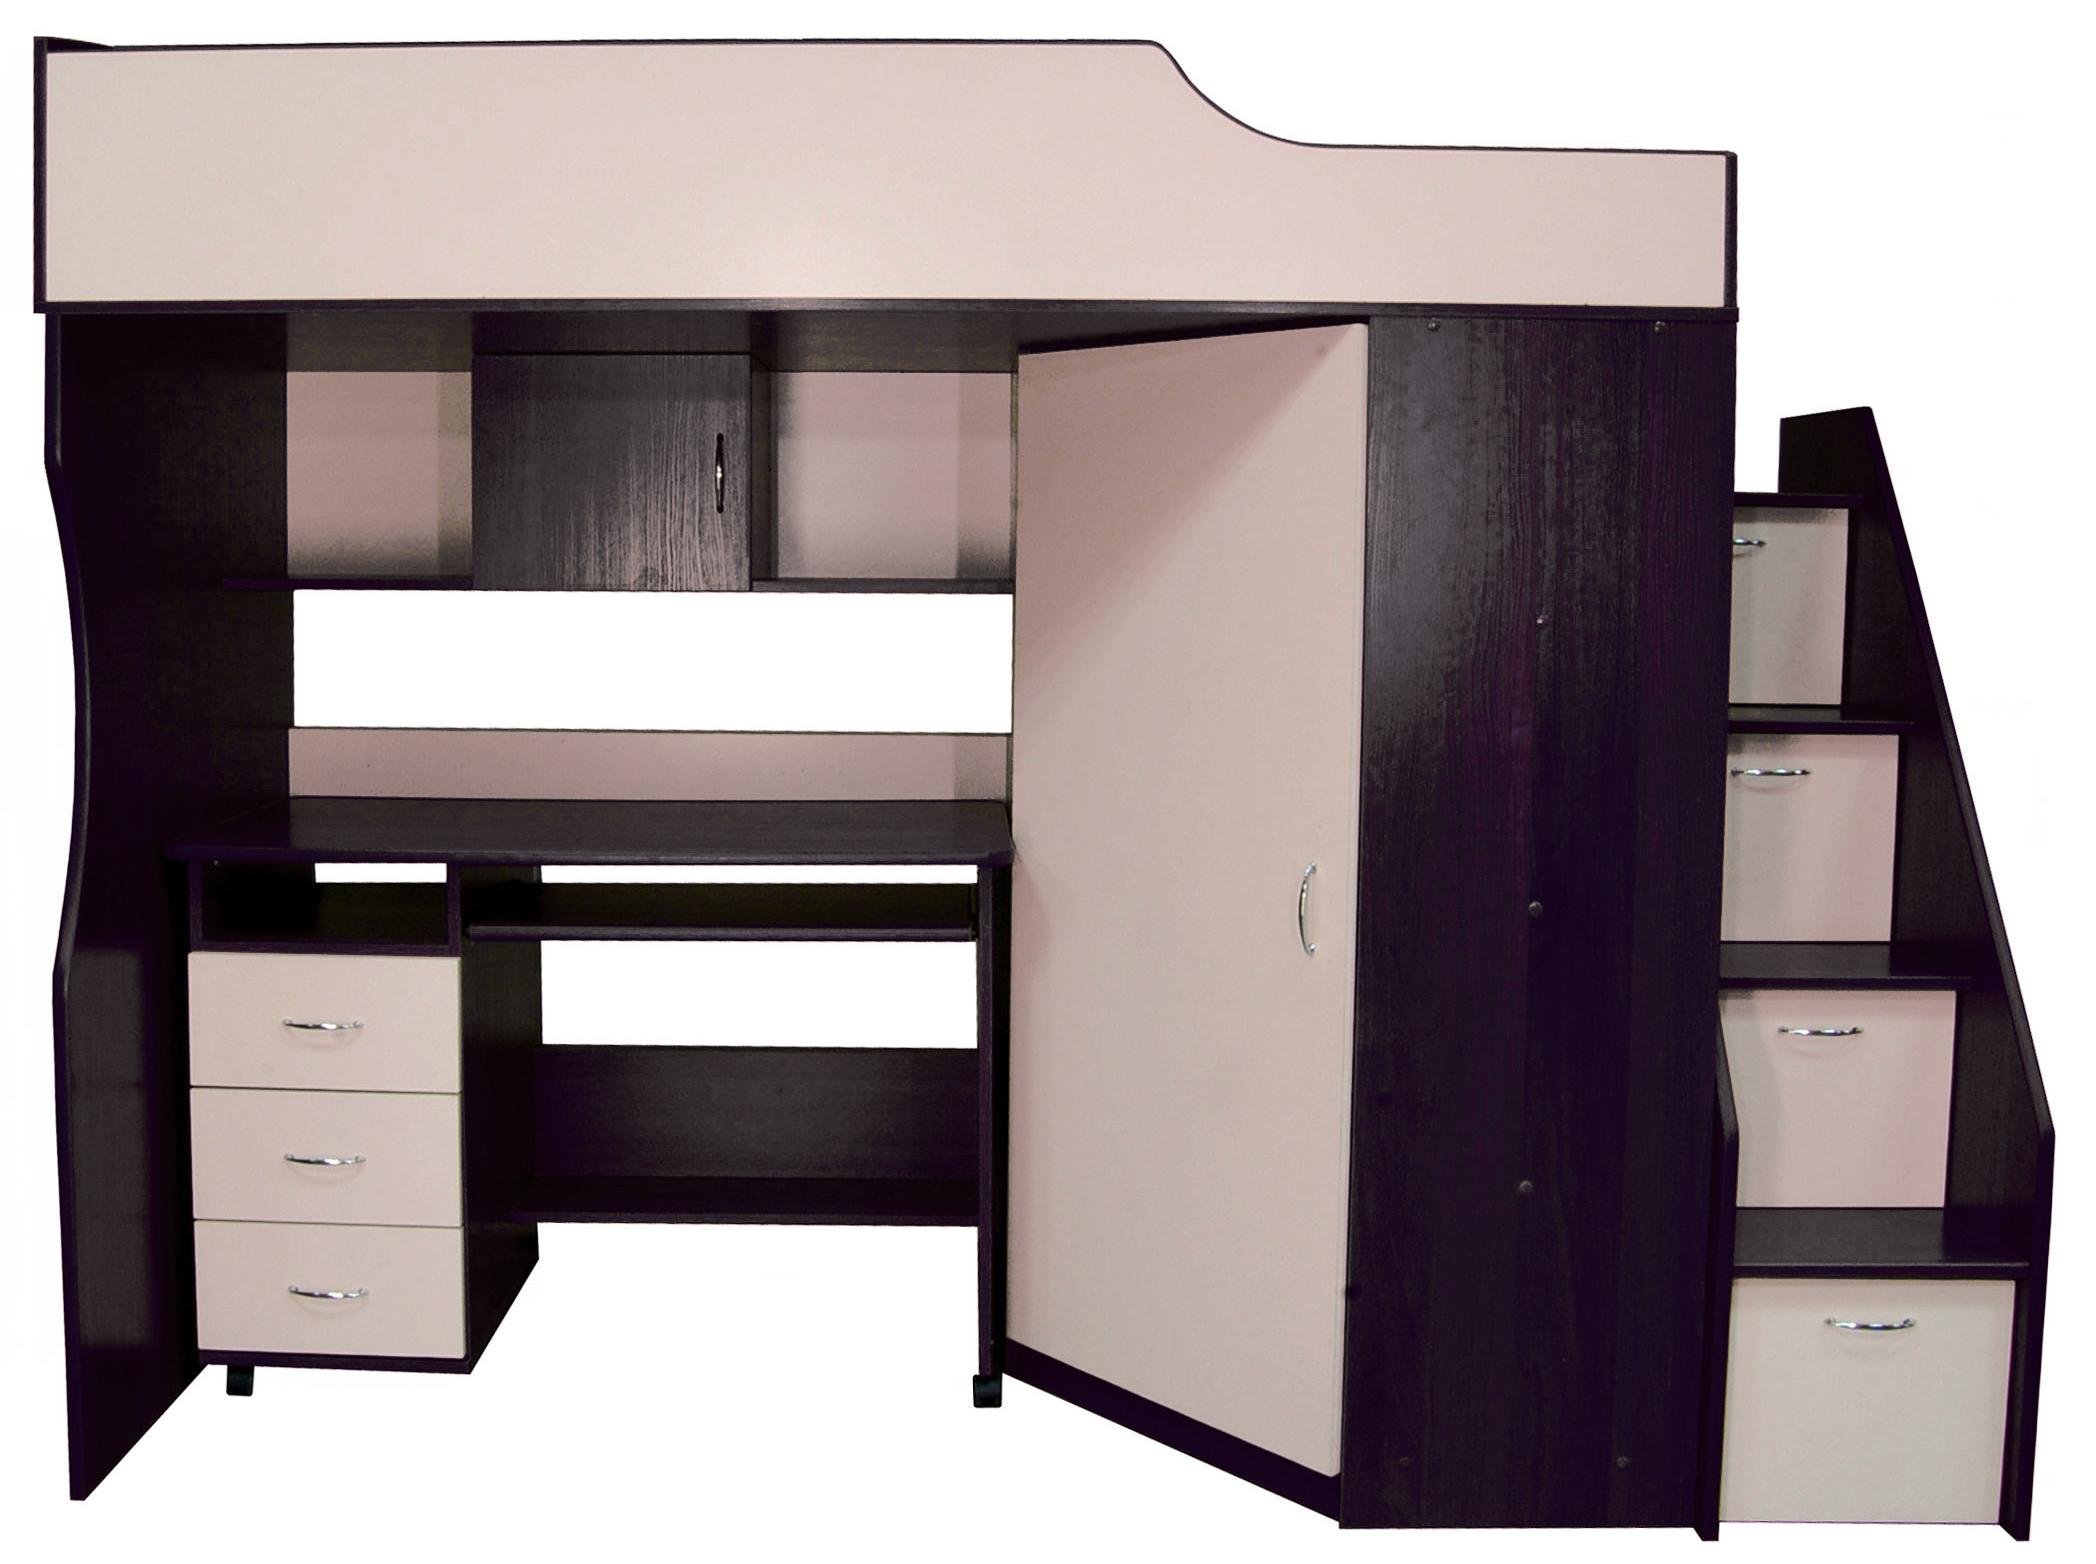 пол задняя кровать чердак и компьютерный столик фото можете оставить завку